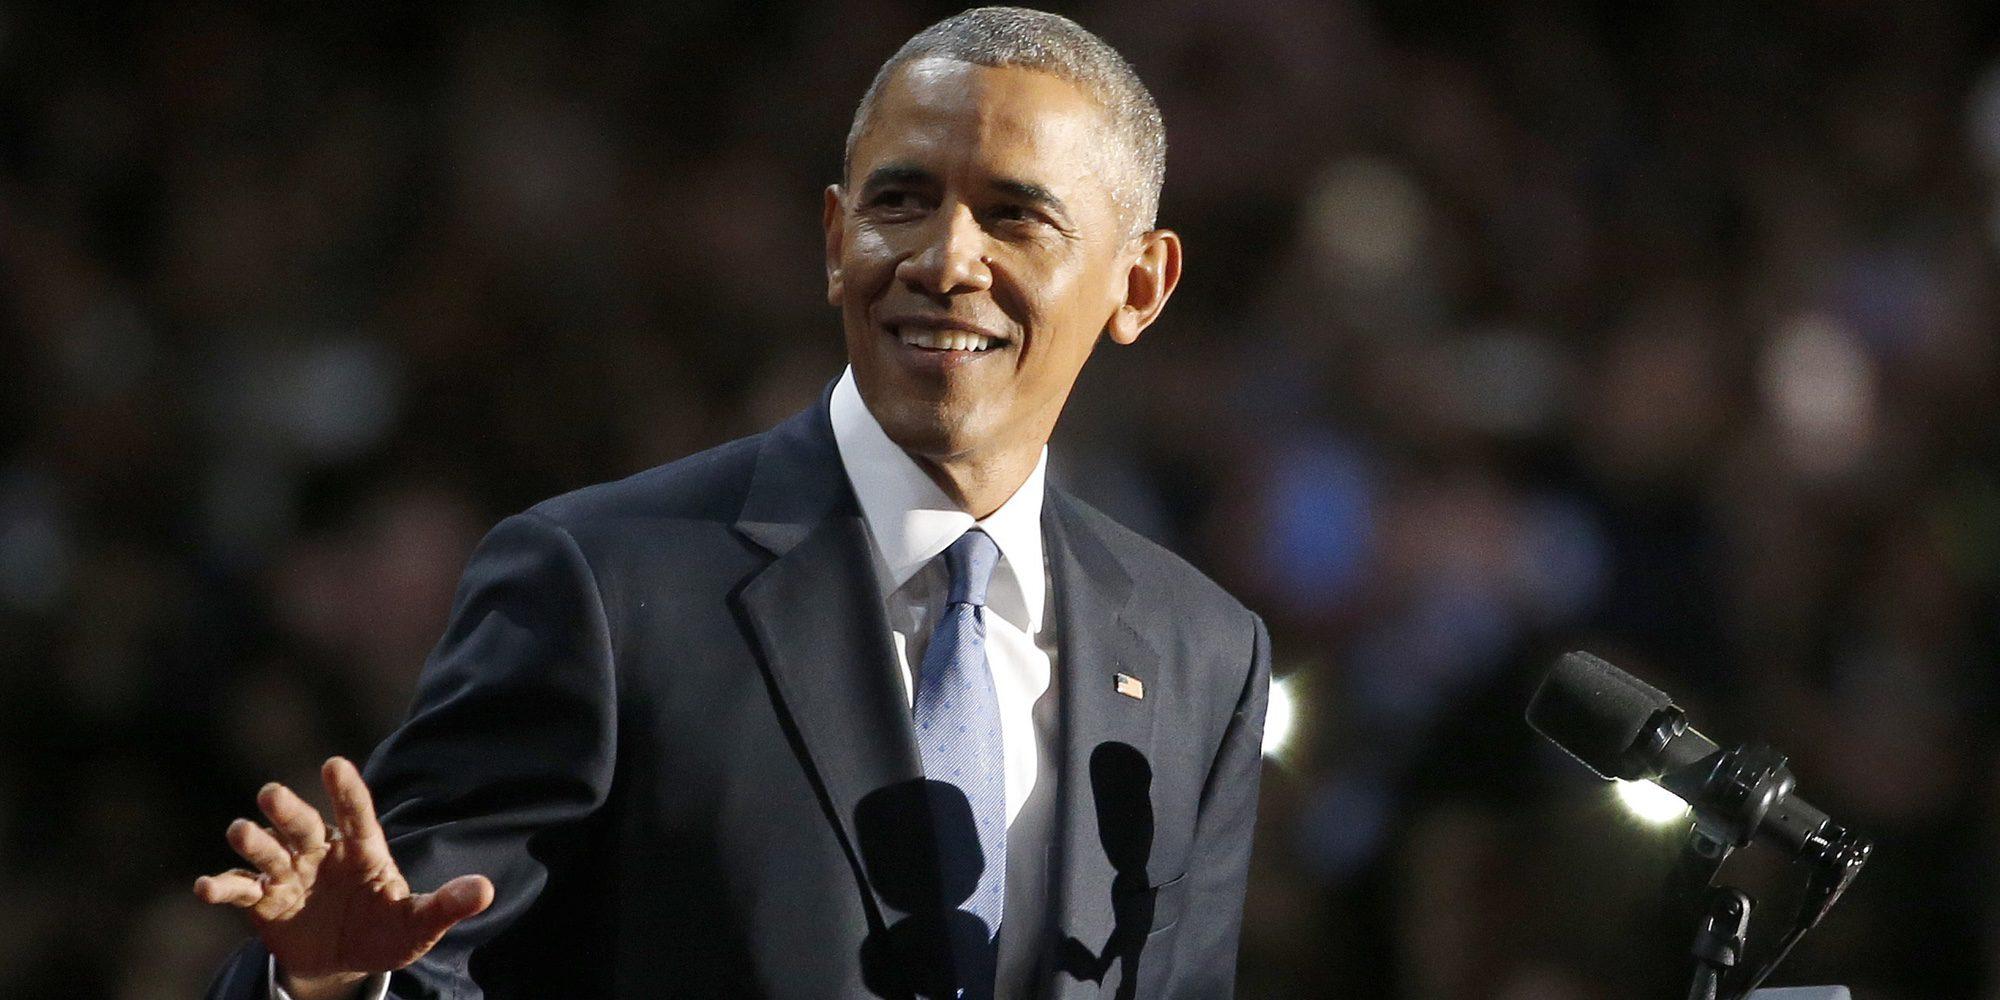 Barack Obama se despide de la Casa Blanca con lágrimas en los ojos y arropado por toda su familia